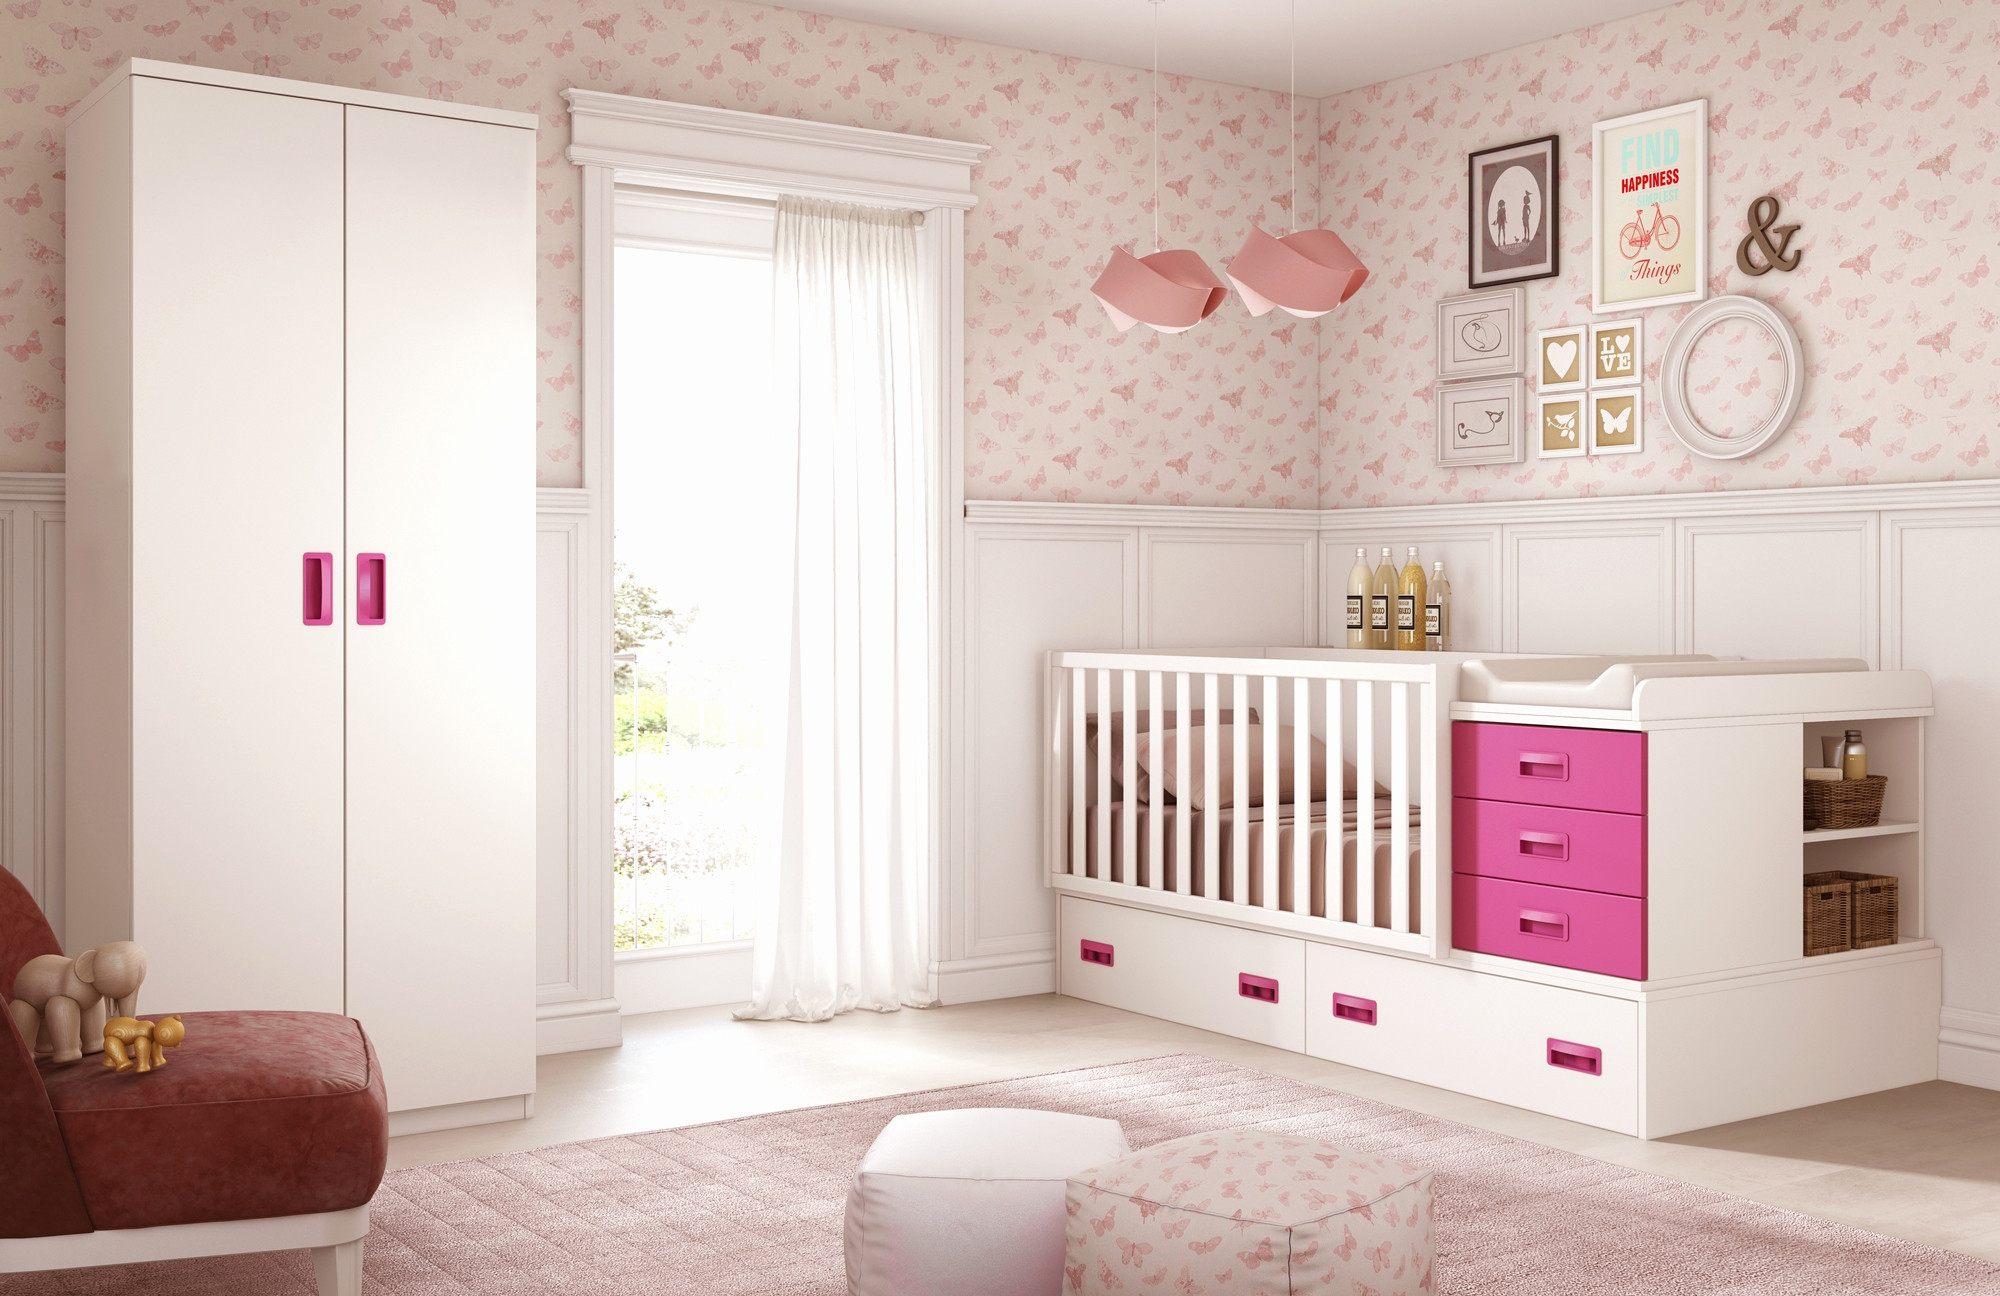 Lit Enfant Complet Fraîche Séduisant Chambre Enfant Plete Sur Chambre Bebe Plete Lovely Bebe